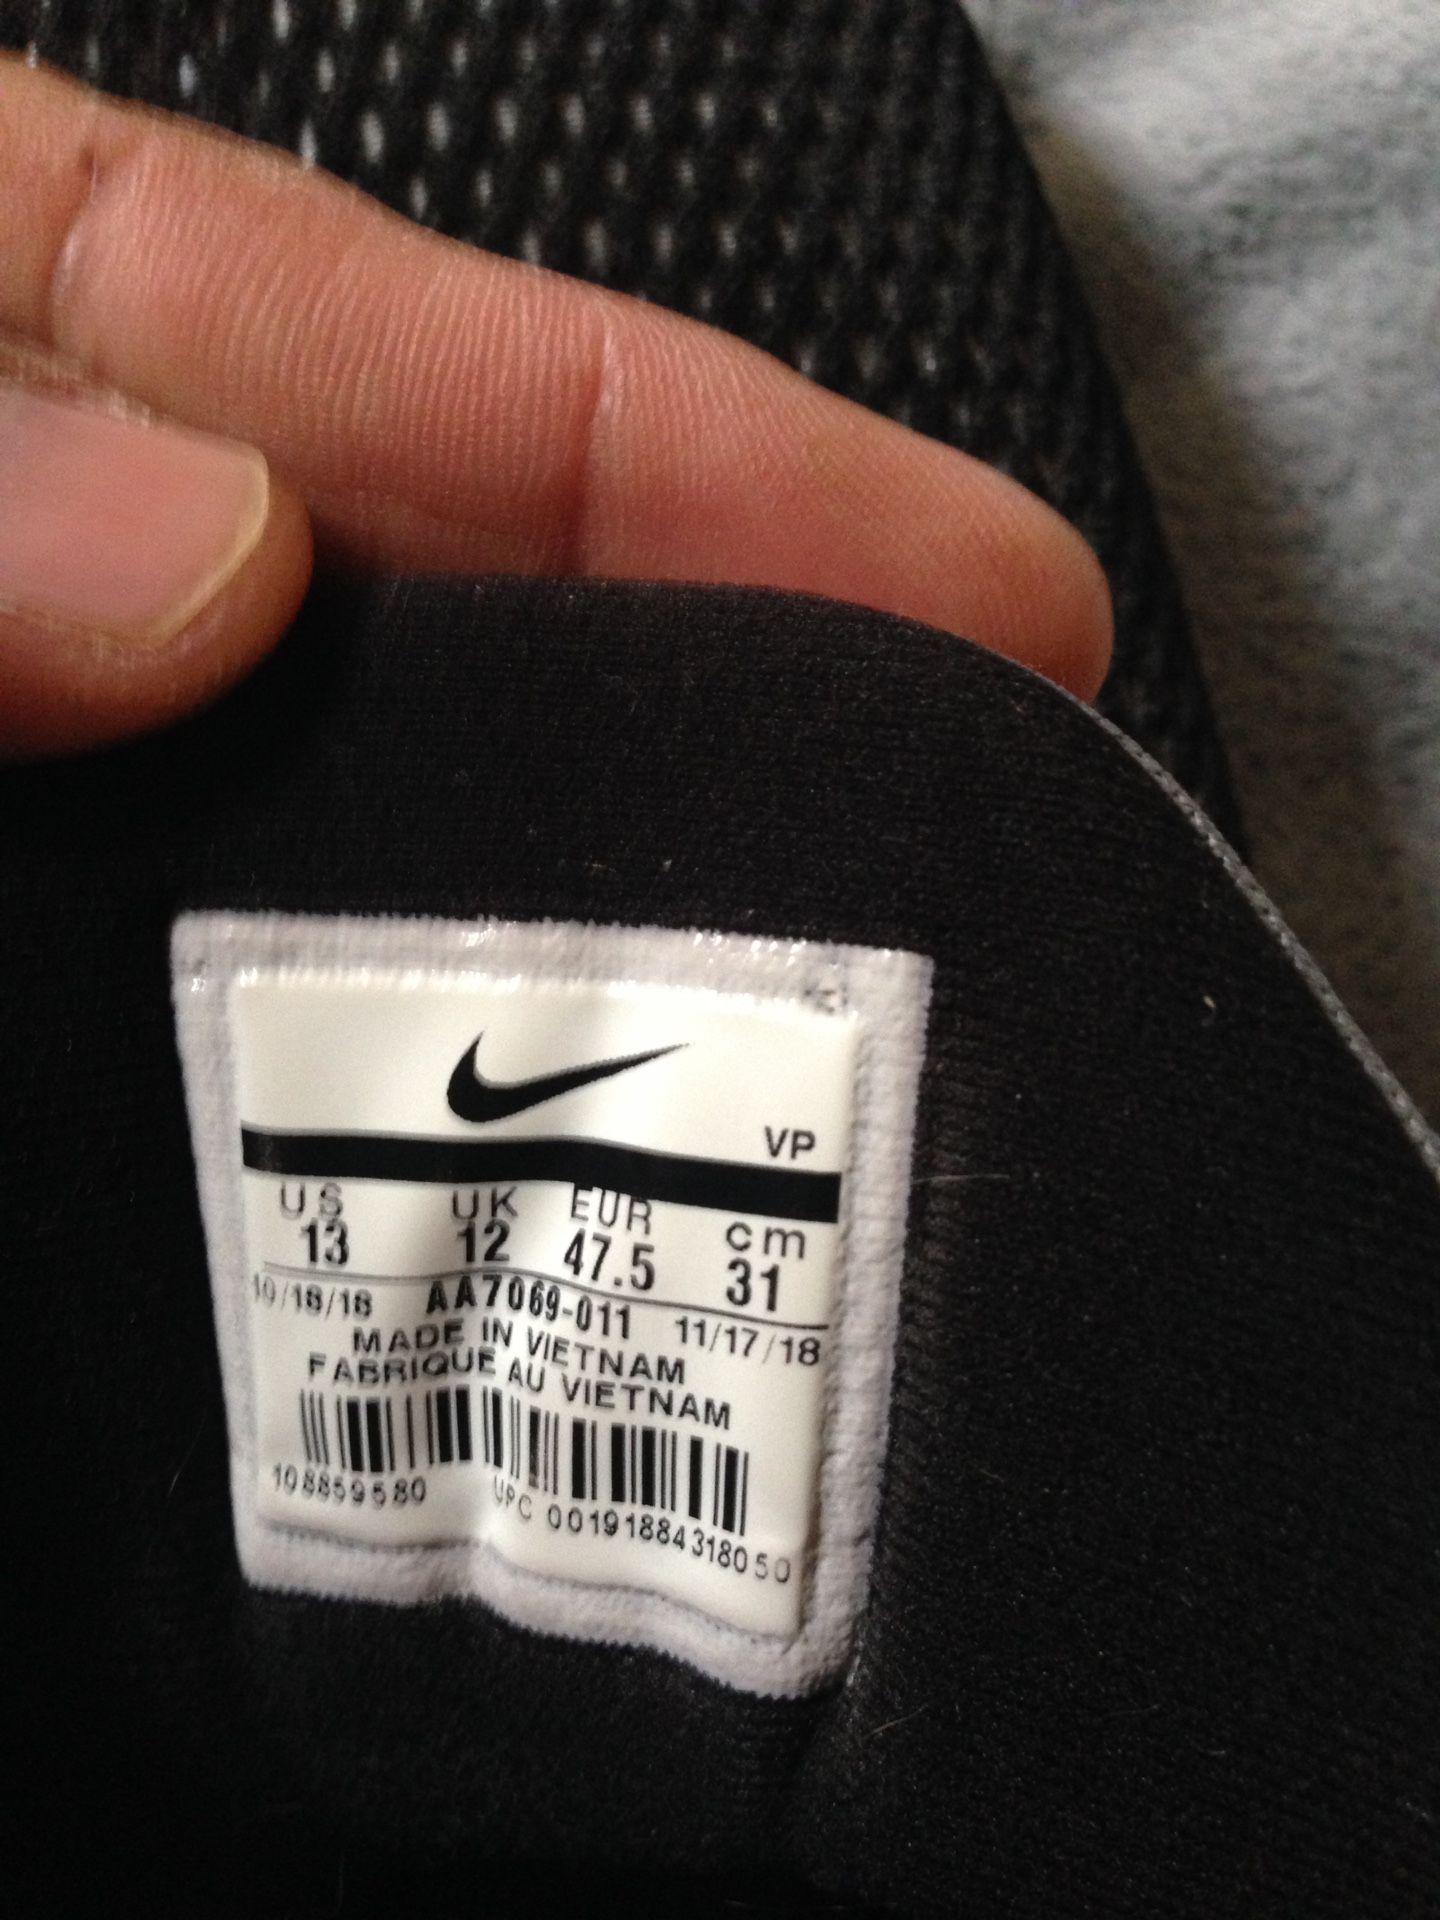 Nike Air Precision size 13